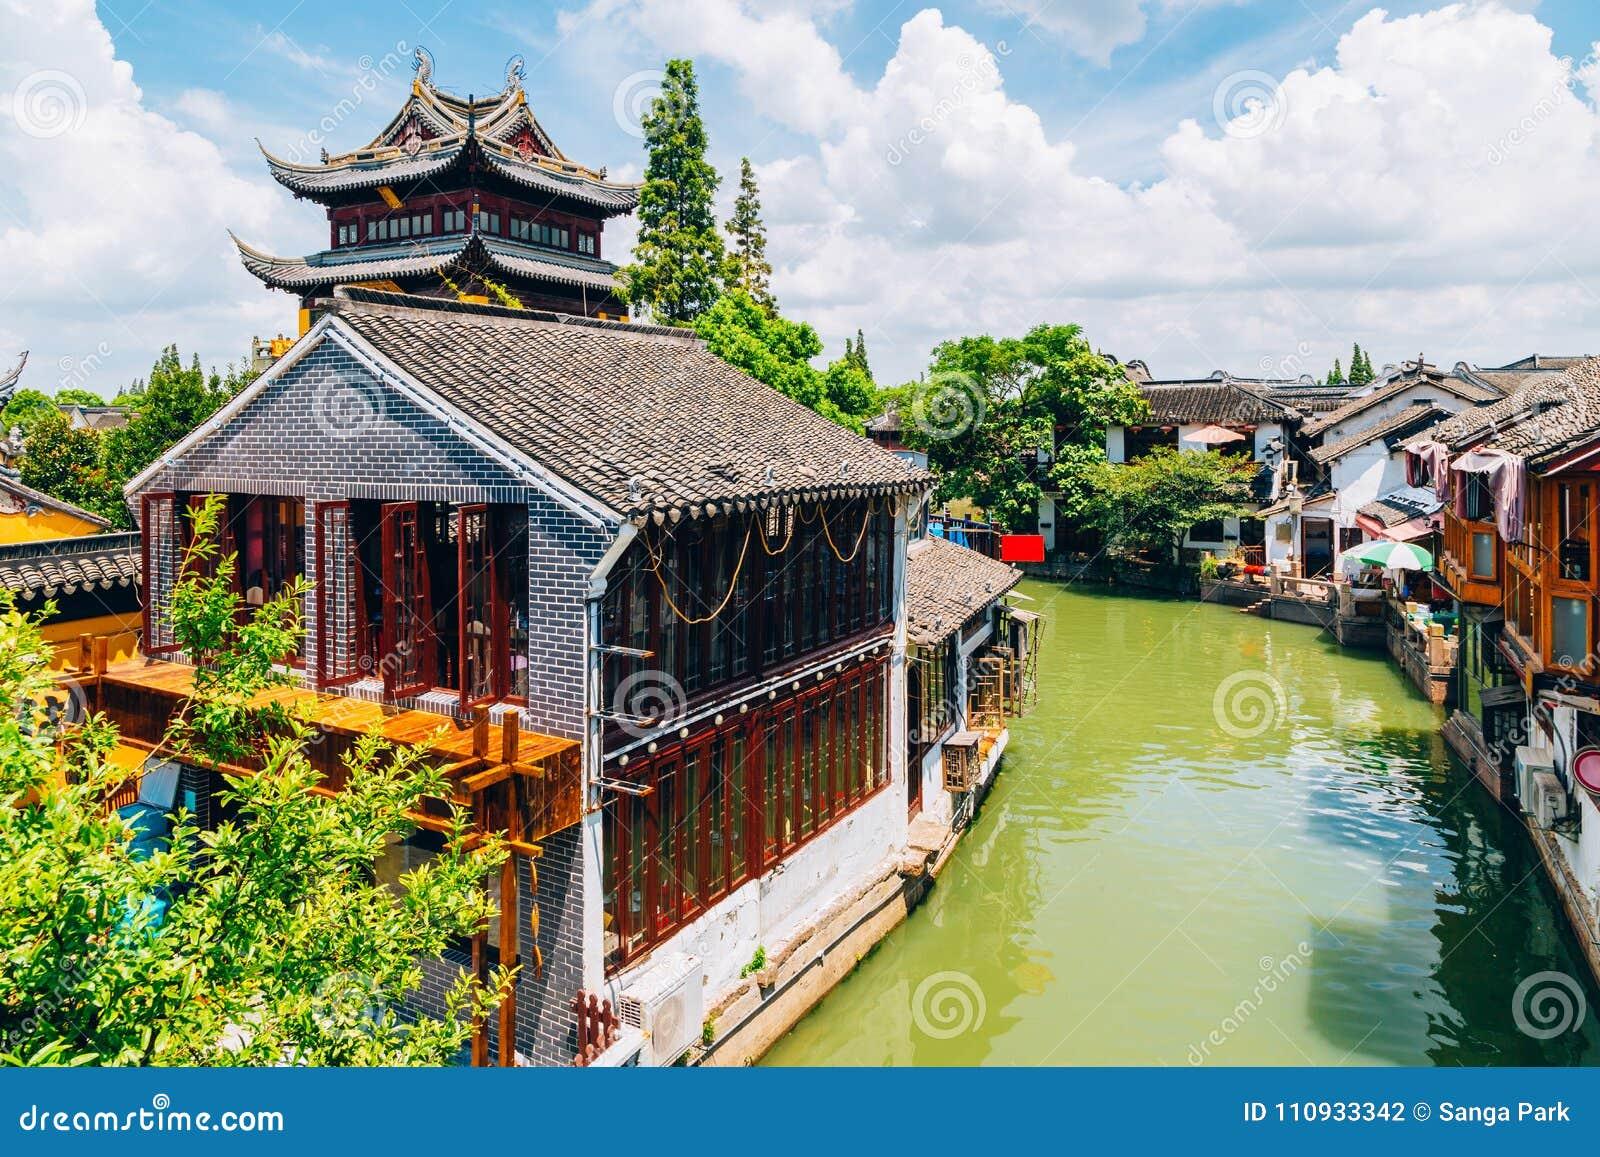 Chinesische traditionelle Architektur und Kanal in Shanghai Zhujiajiao wässern Stadt